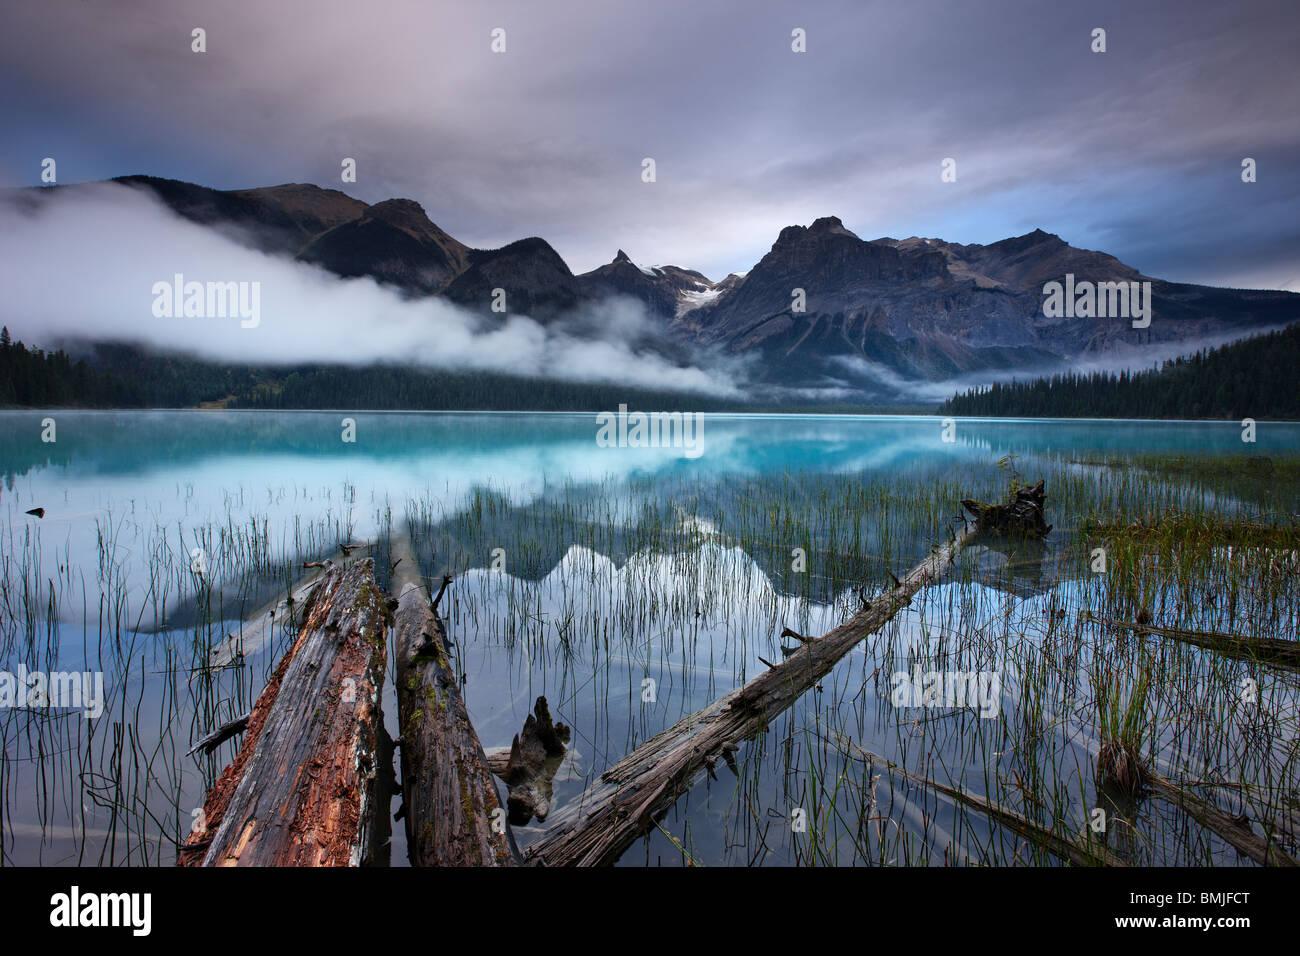 Emerald Lake im Morgengrauen mit den Gipfeln des Bereichs Präsident hinaus Yoho Nationalpark, Britisch-Kolumbien, Stockbild